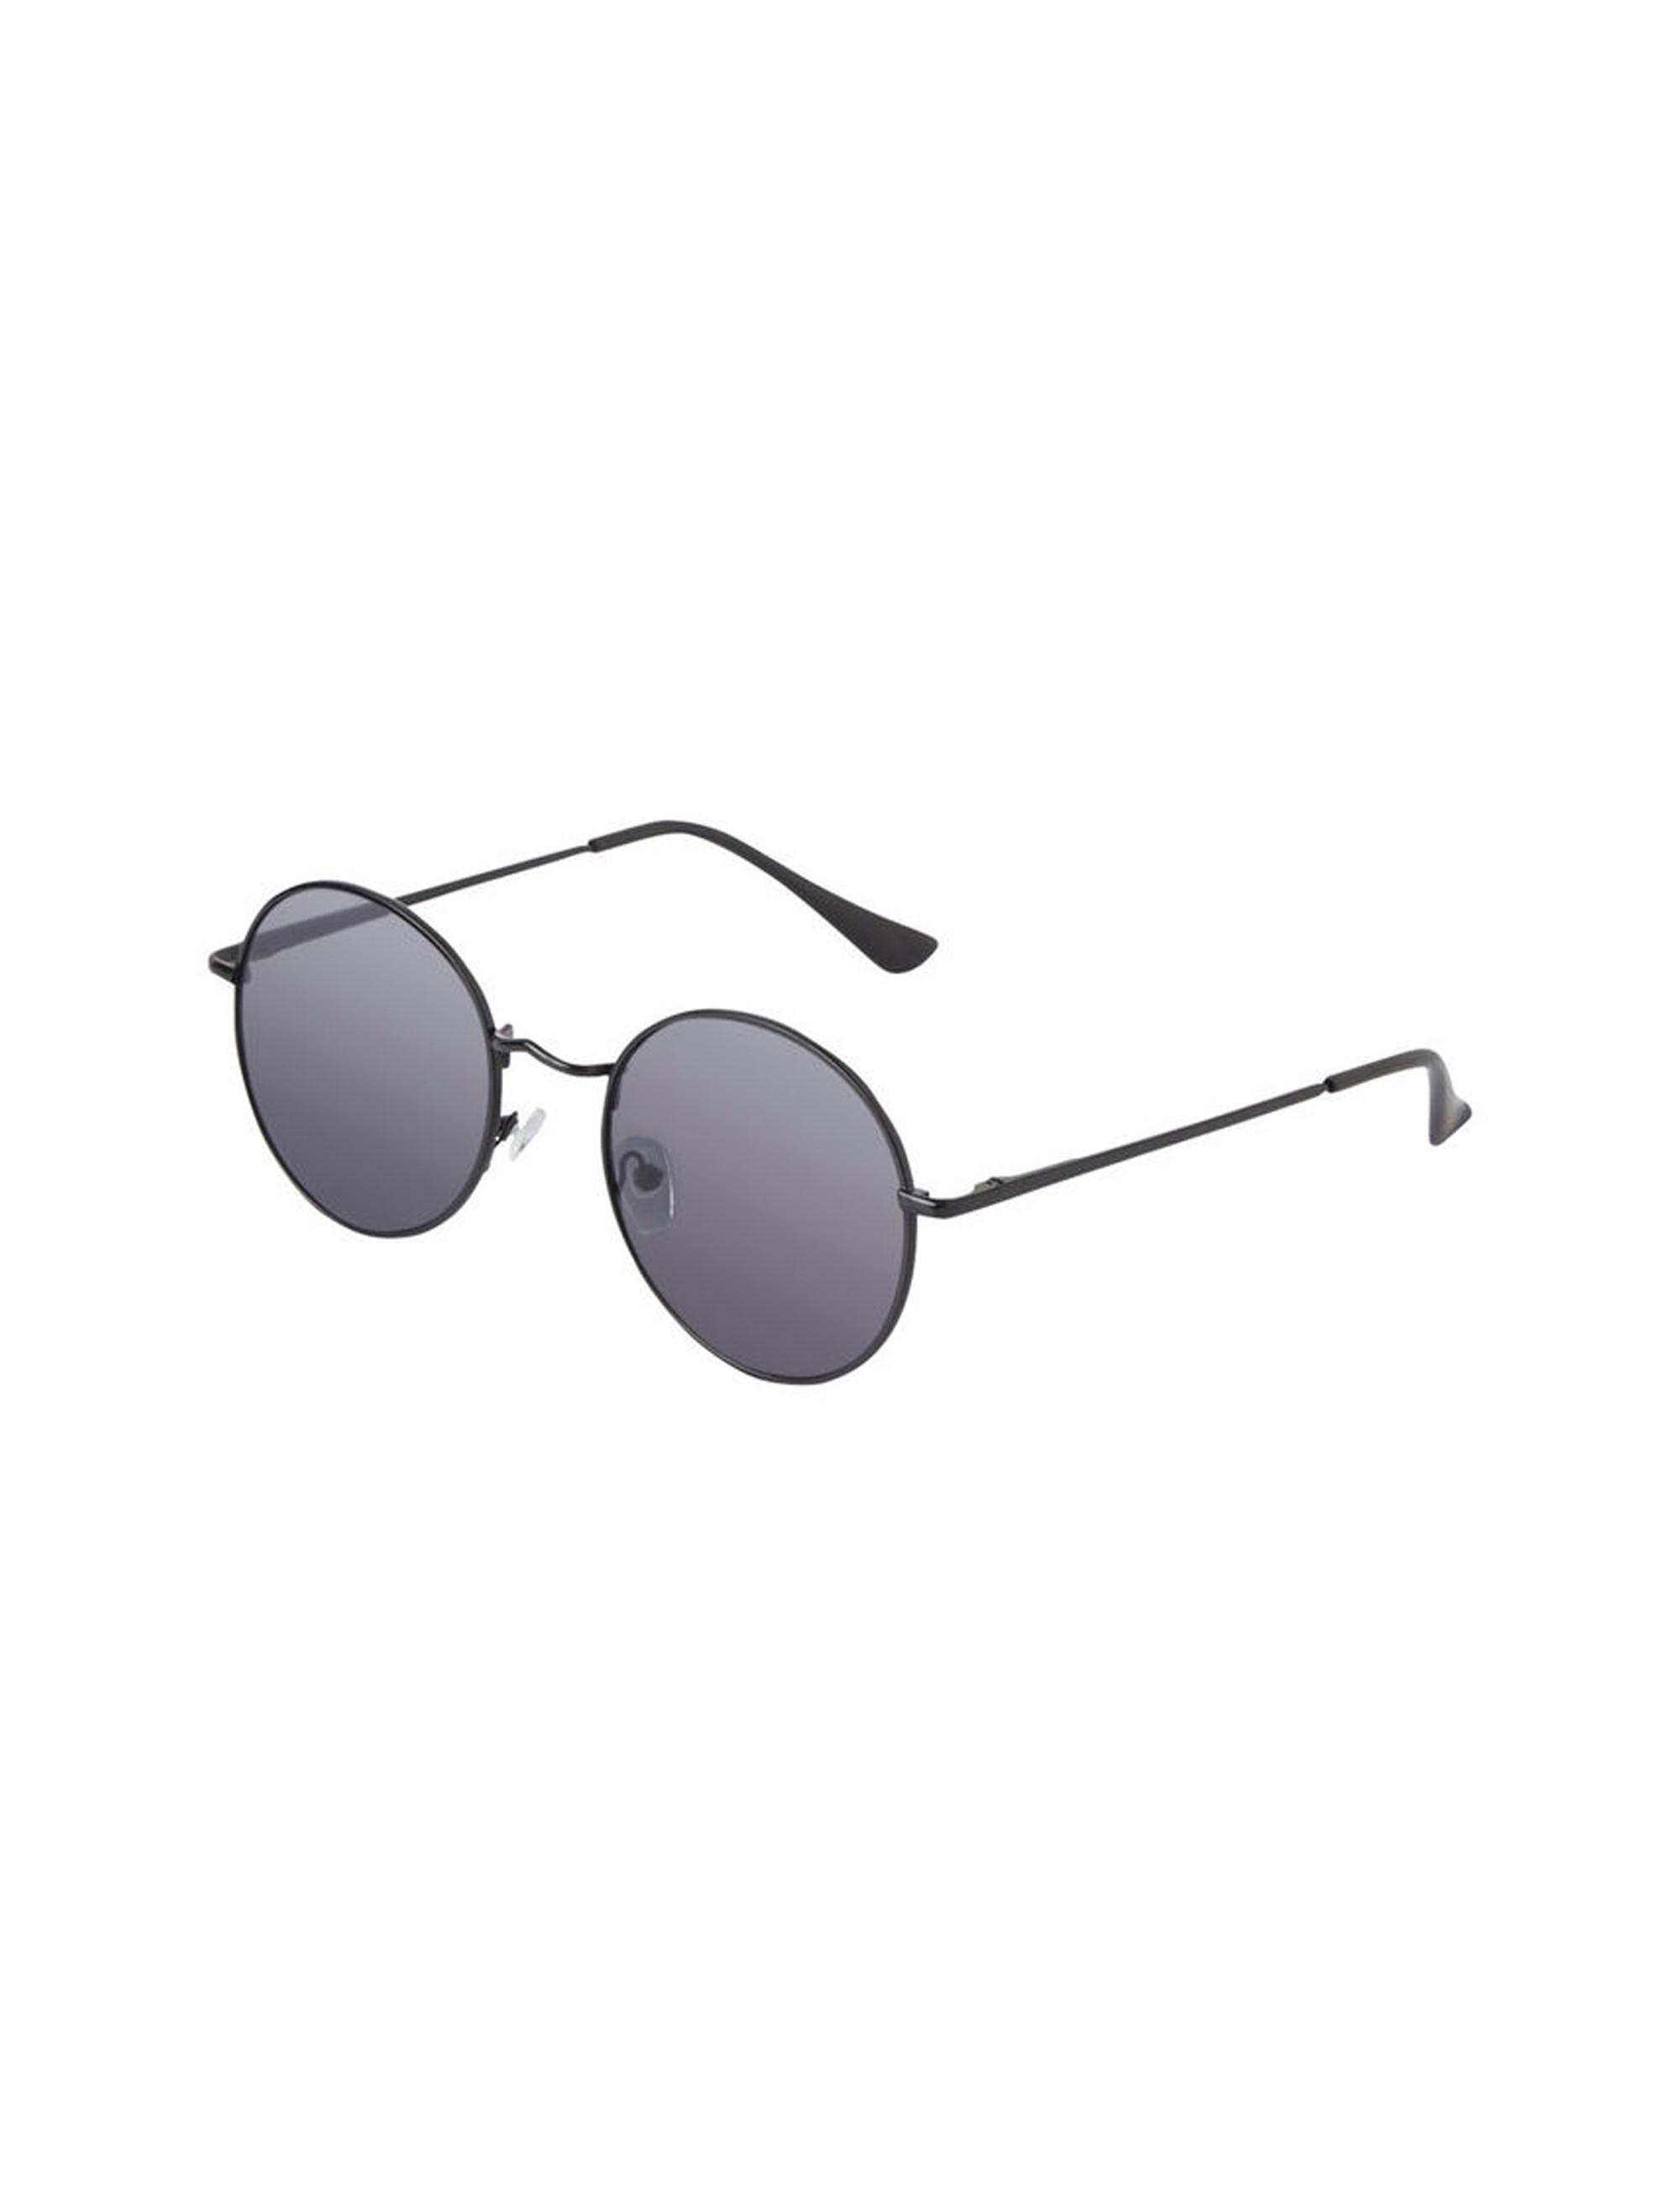 عینک آفتابی گرد زنانه - آبجکت